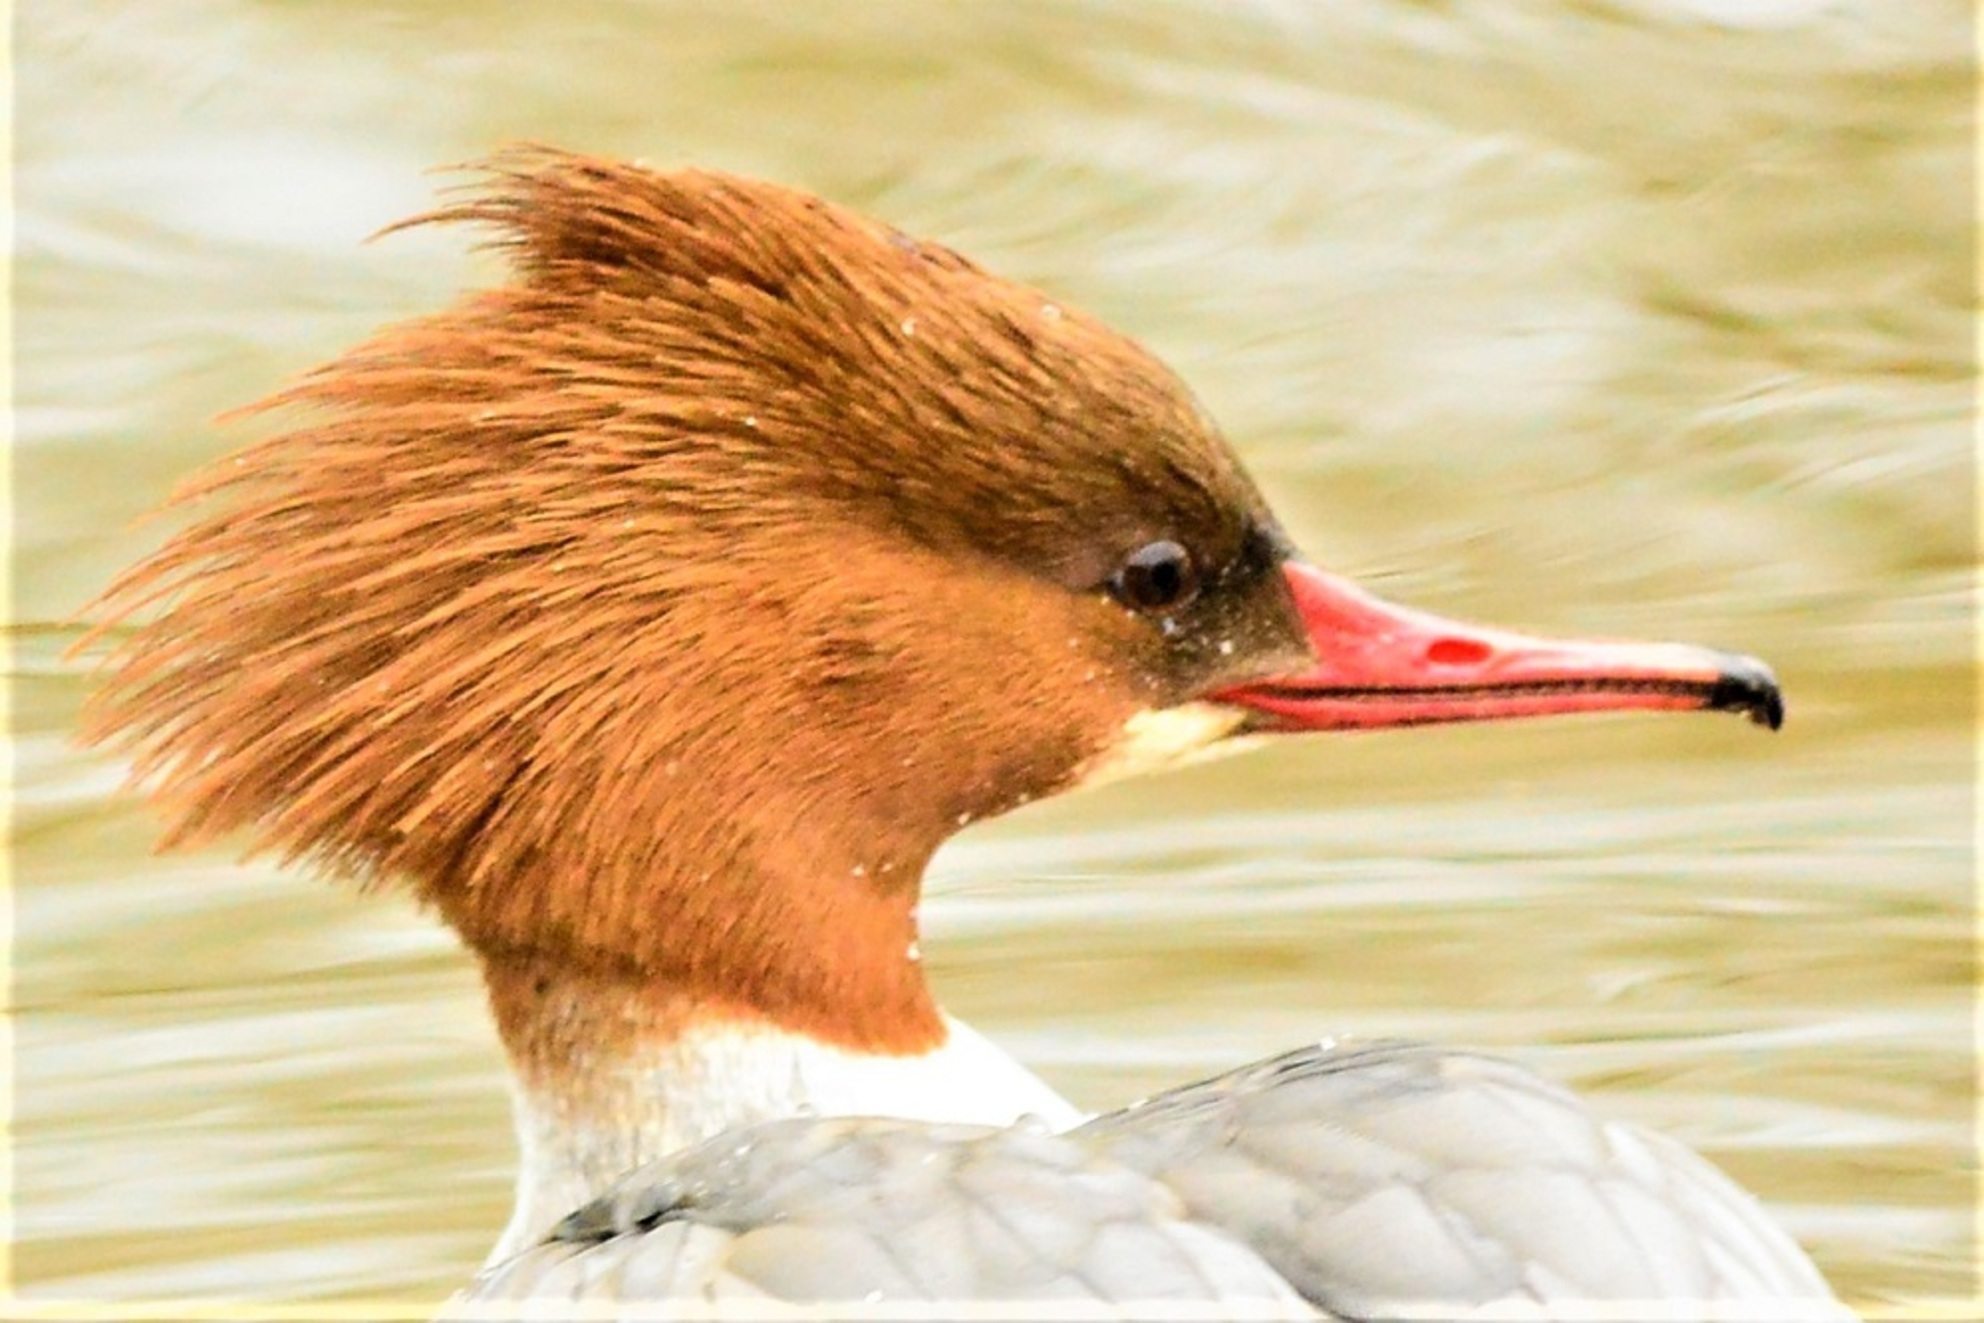 Punky - De vrouw van De Grote Zaagbek ziet er zo lekker '' Punky '' uit.  Bij ons een wintergast uit het noorden. - foto door cosinus op 16-02-2021 - deze foto bevat: water, vogel, watervogel